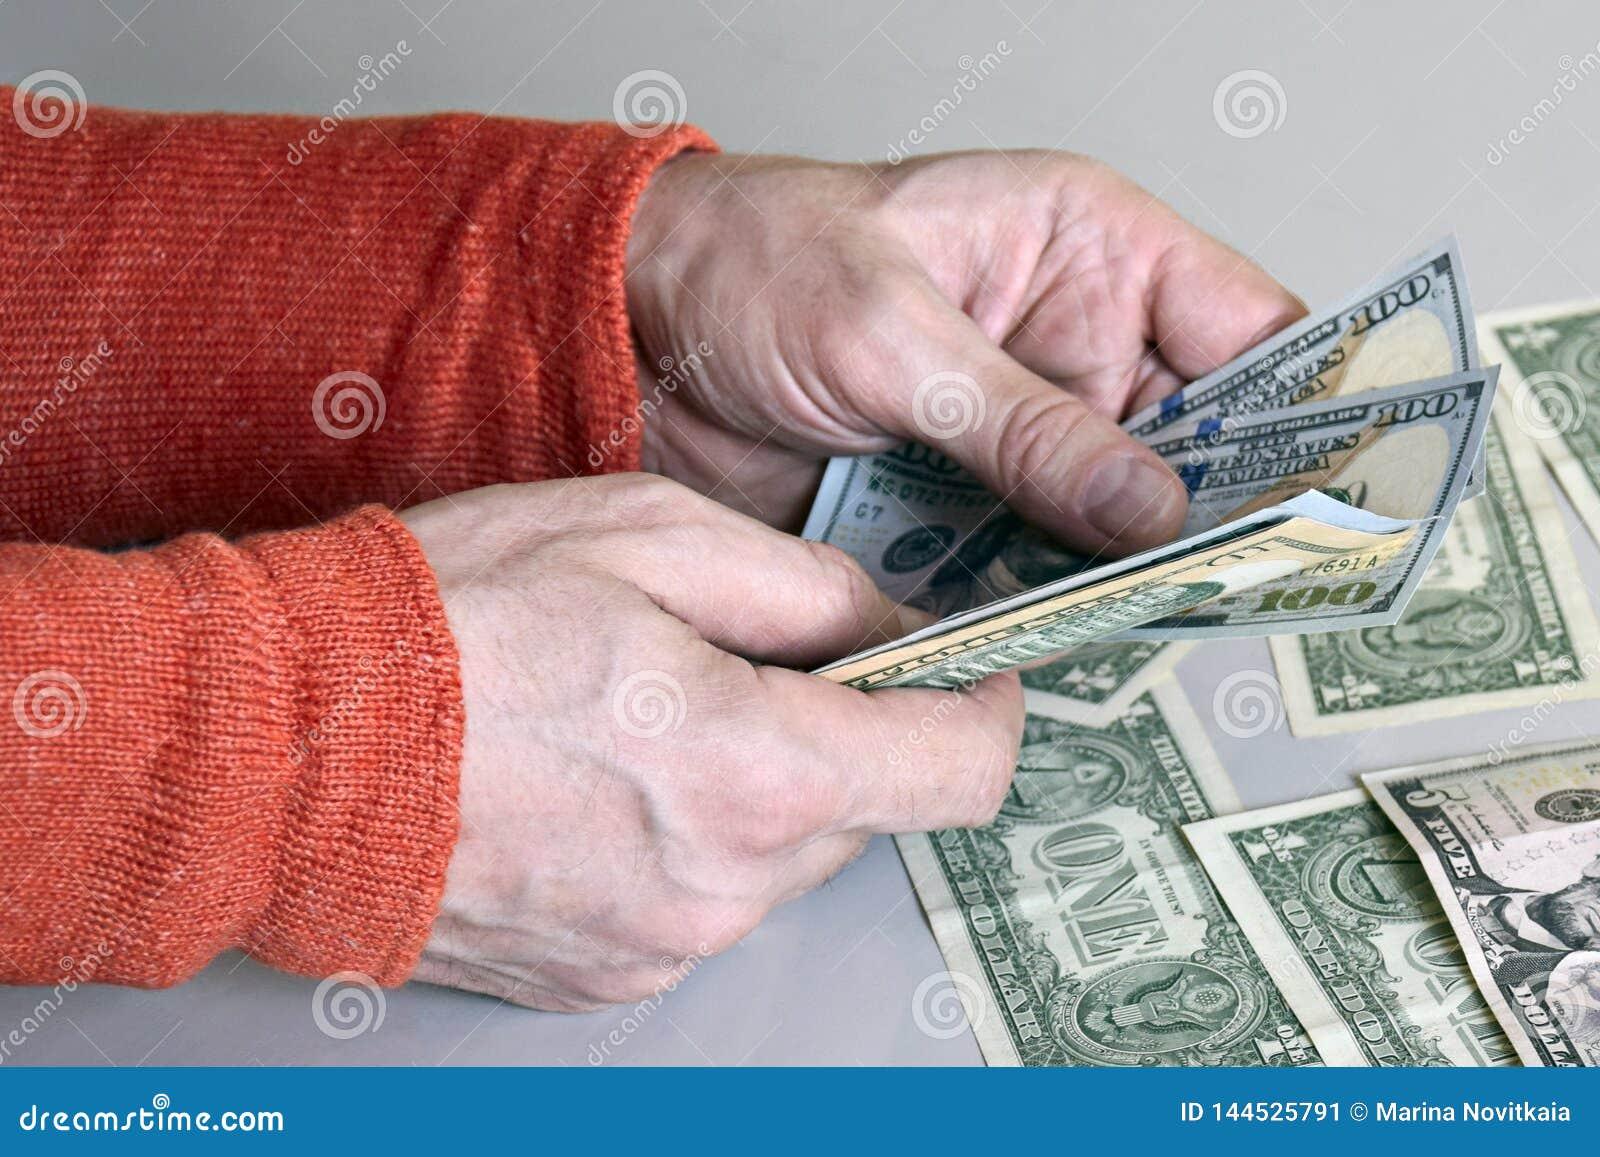 Καυκάσια ανθρώπινα χέρια που μετρούν τα τραπεζογραμμάτια δολαρίων